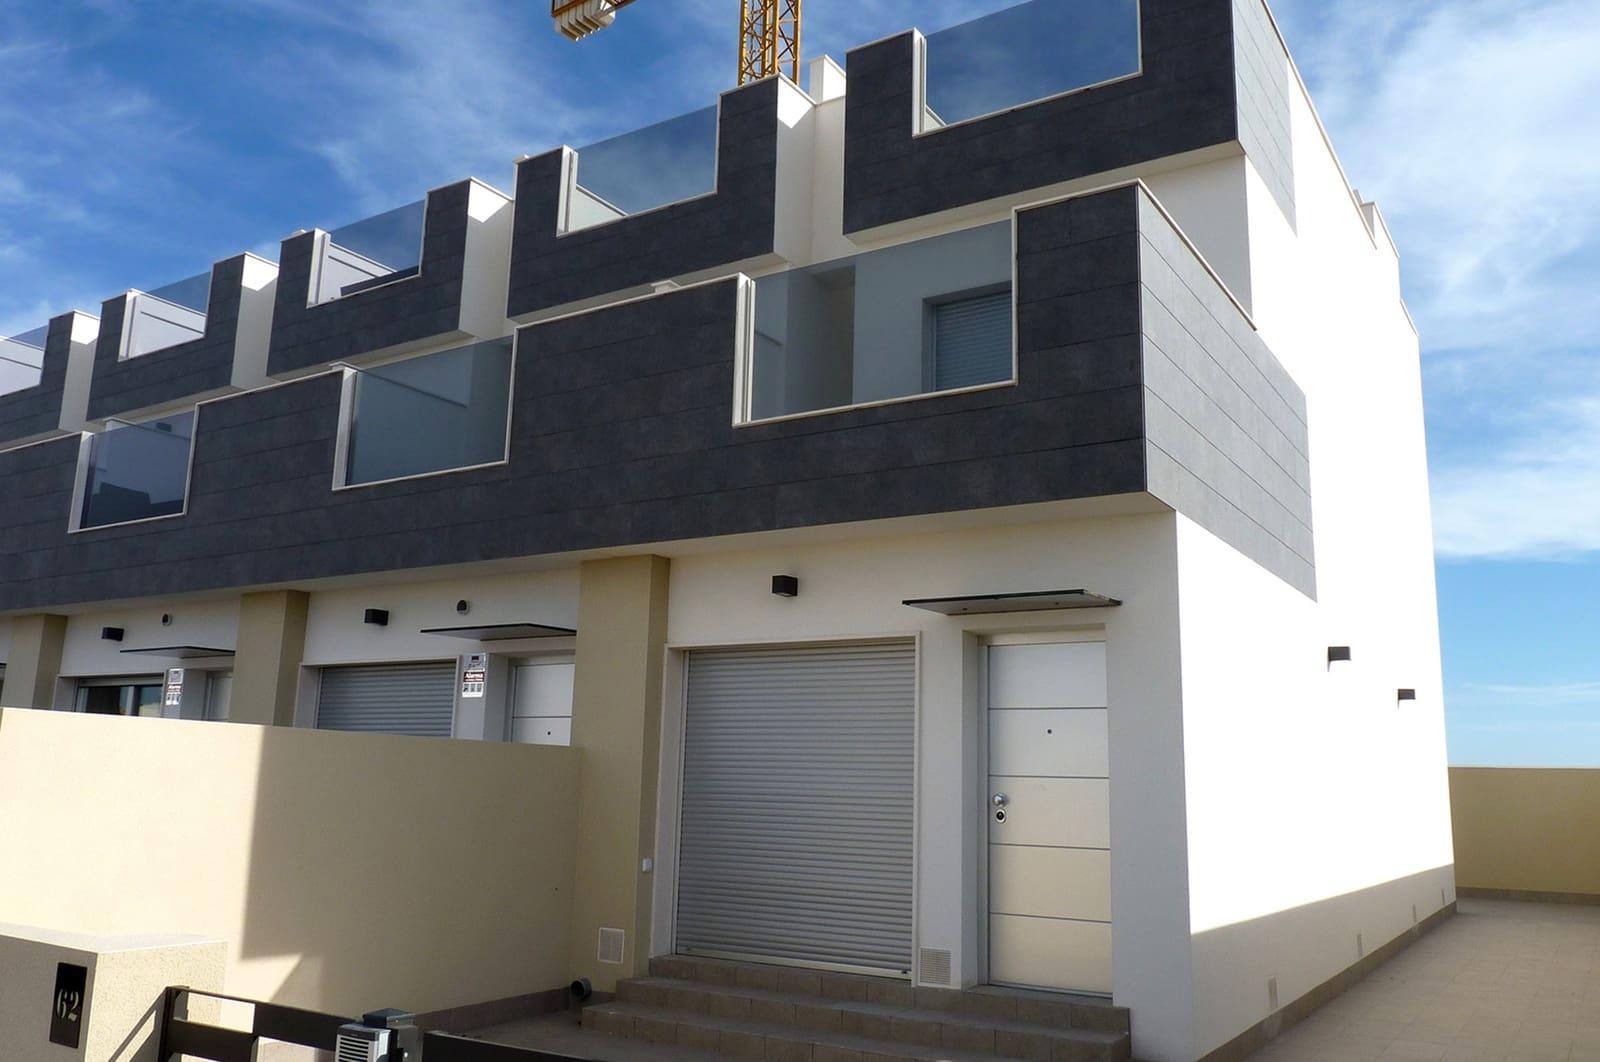 Casa de 3 habitaciones en Pilar de la Horadada en venta con piscina garaje - 198.000 € (Ref: 4893934)